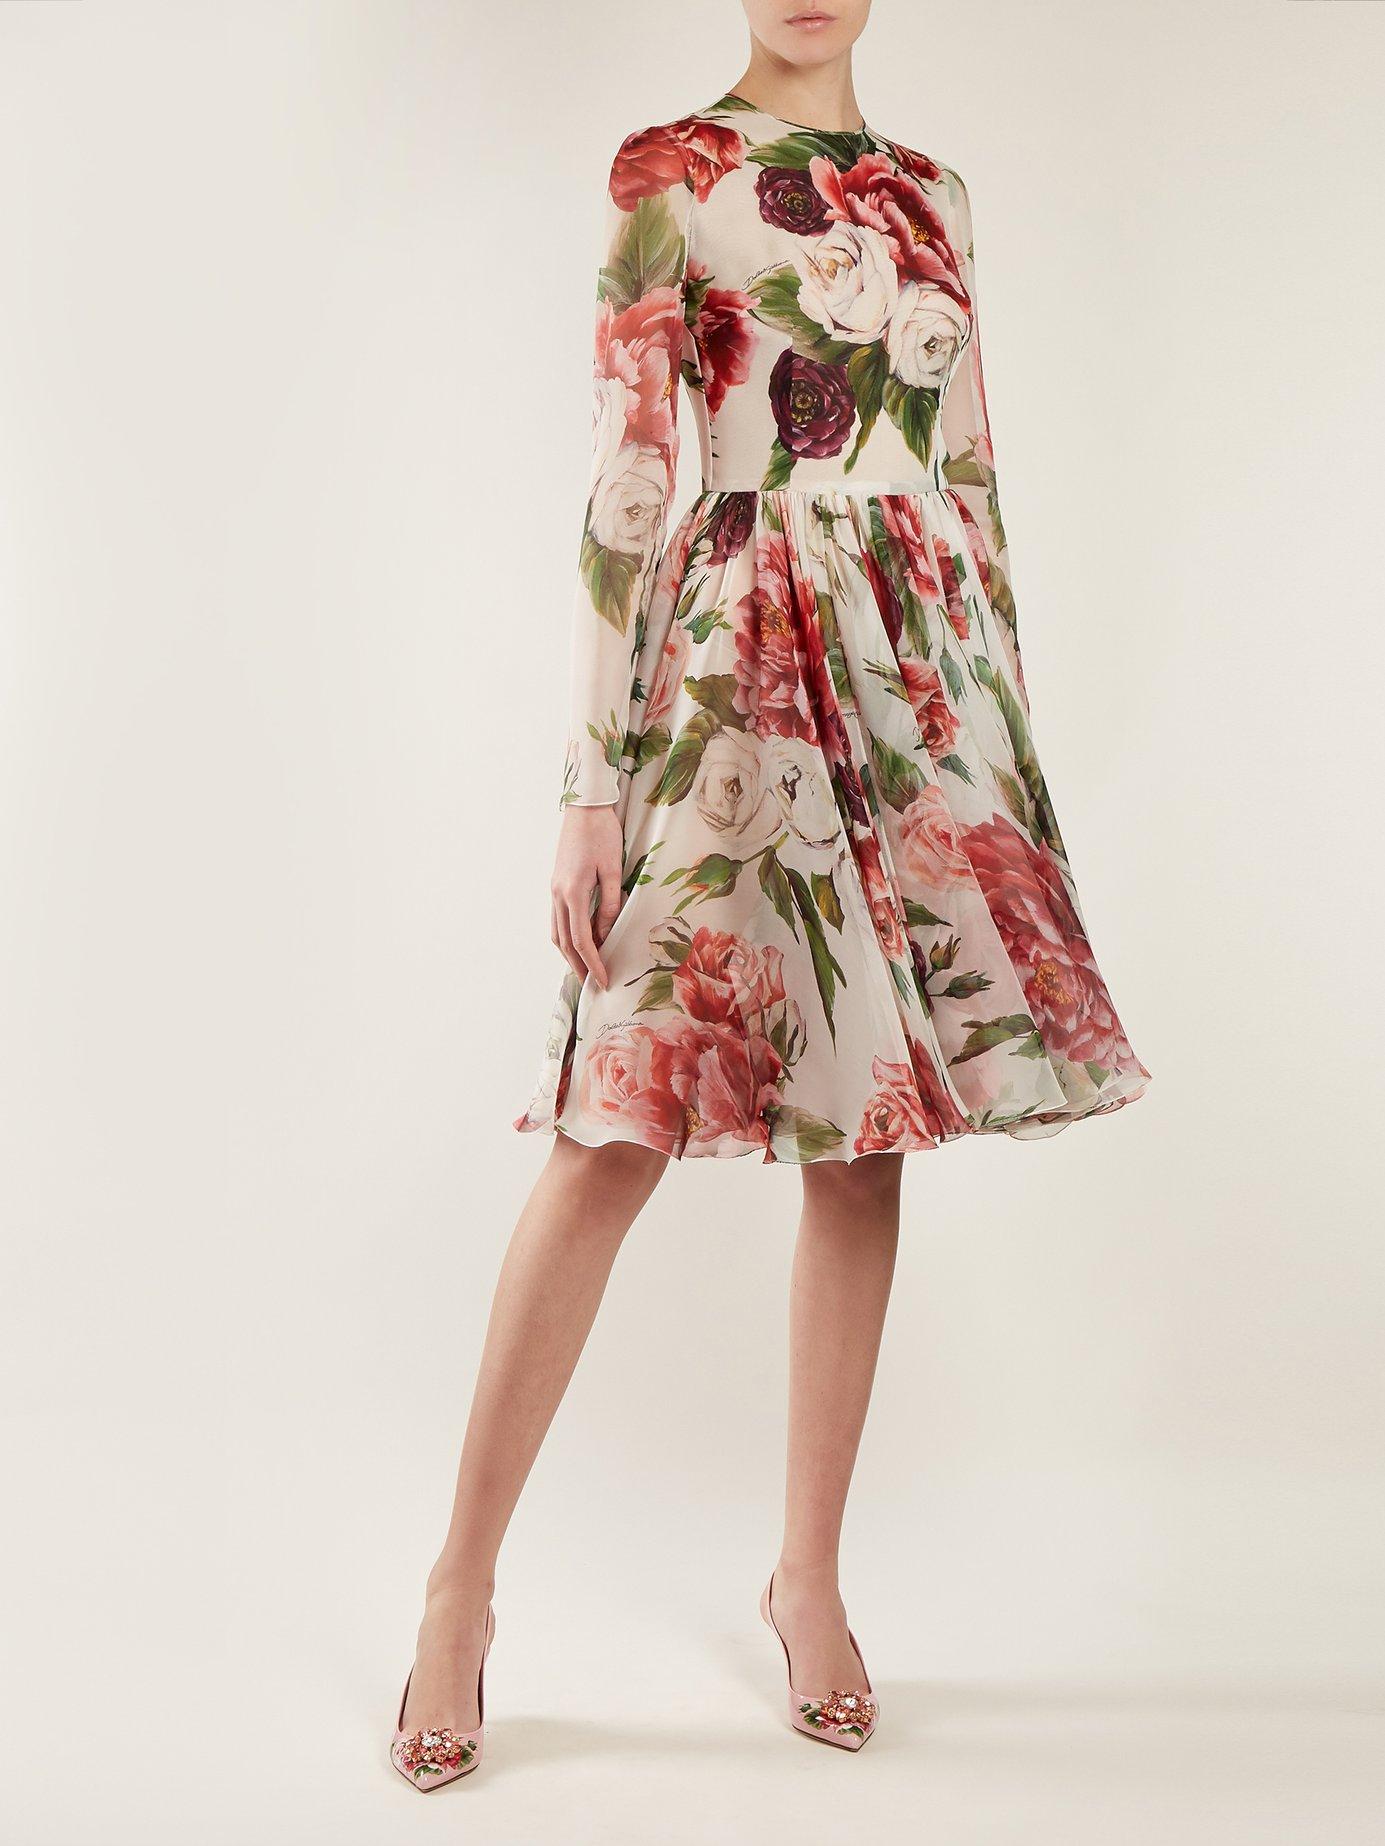 Peony and rose-print chiffon mini dress by Dolce & Gabbana